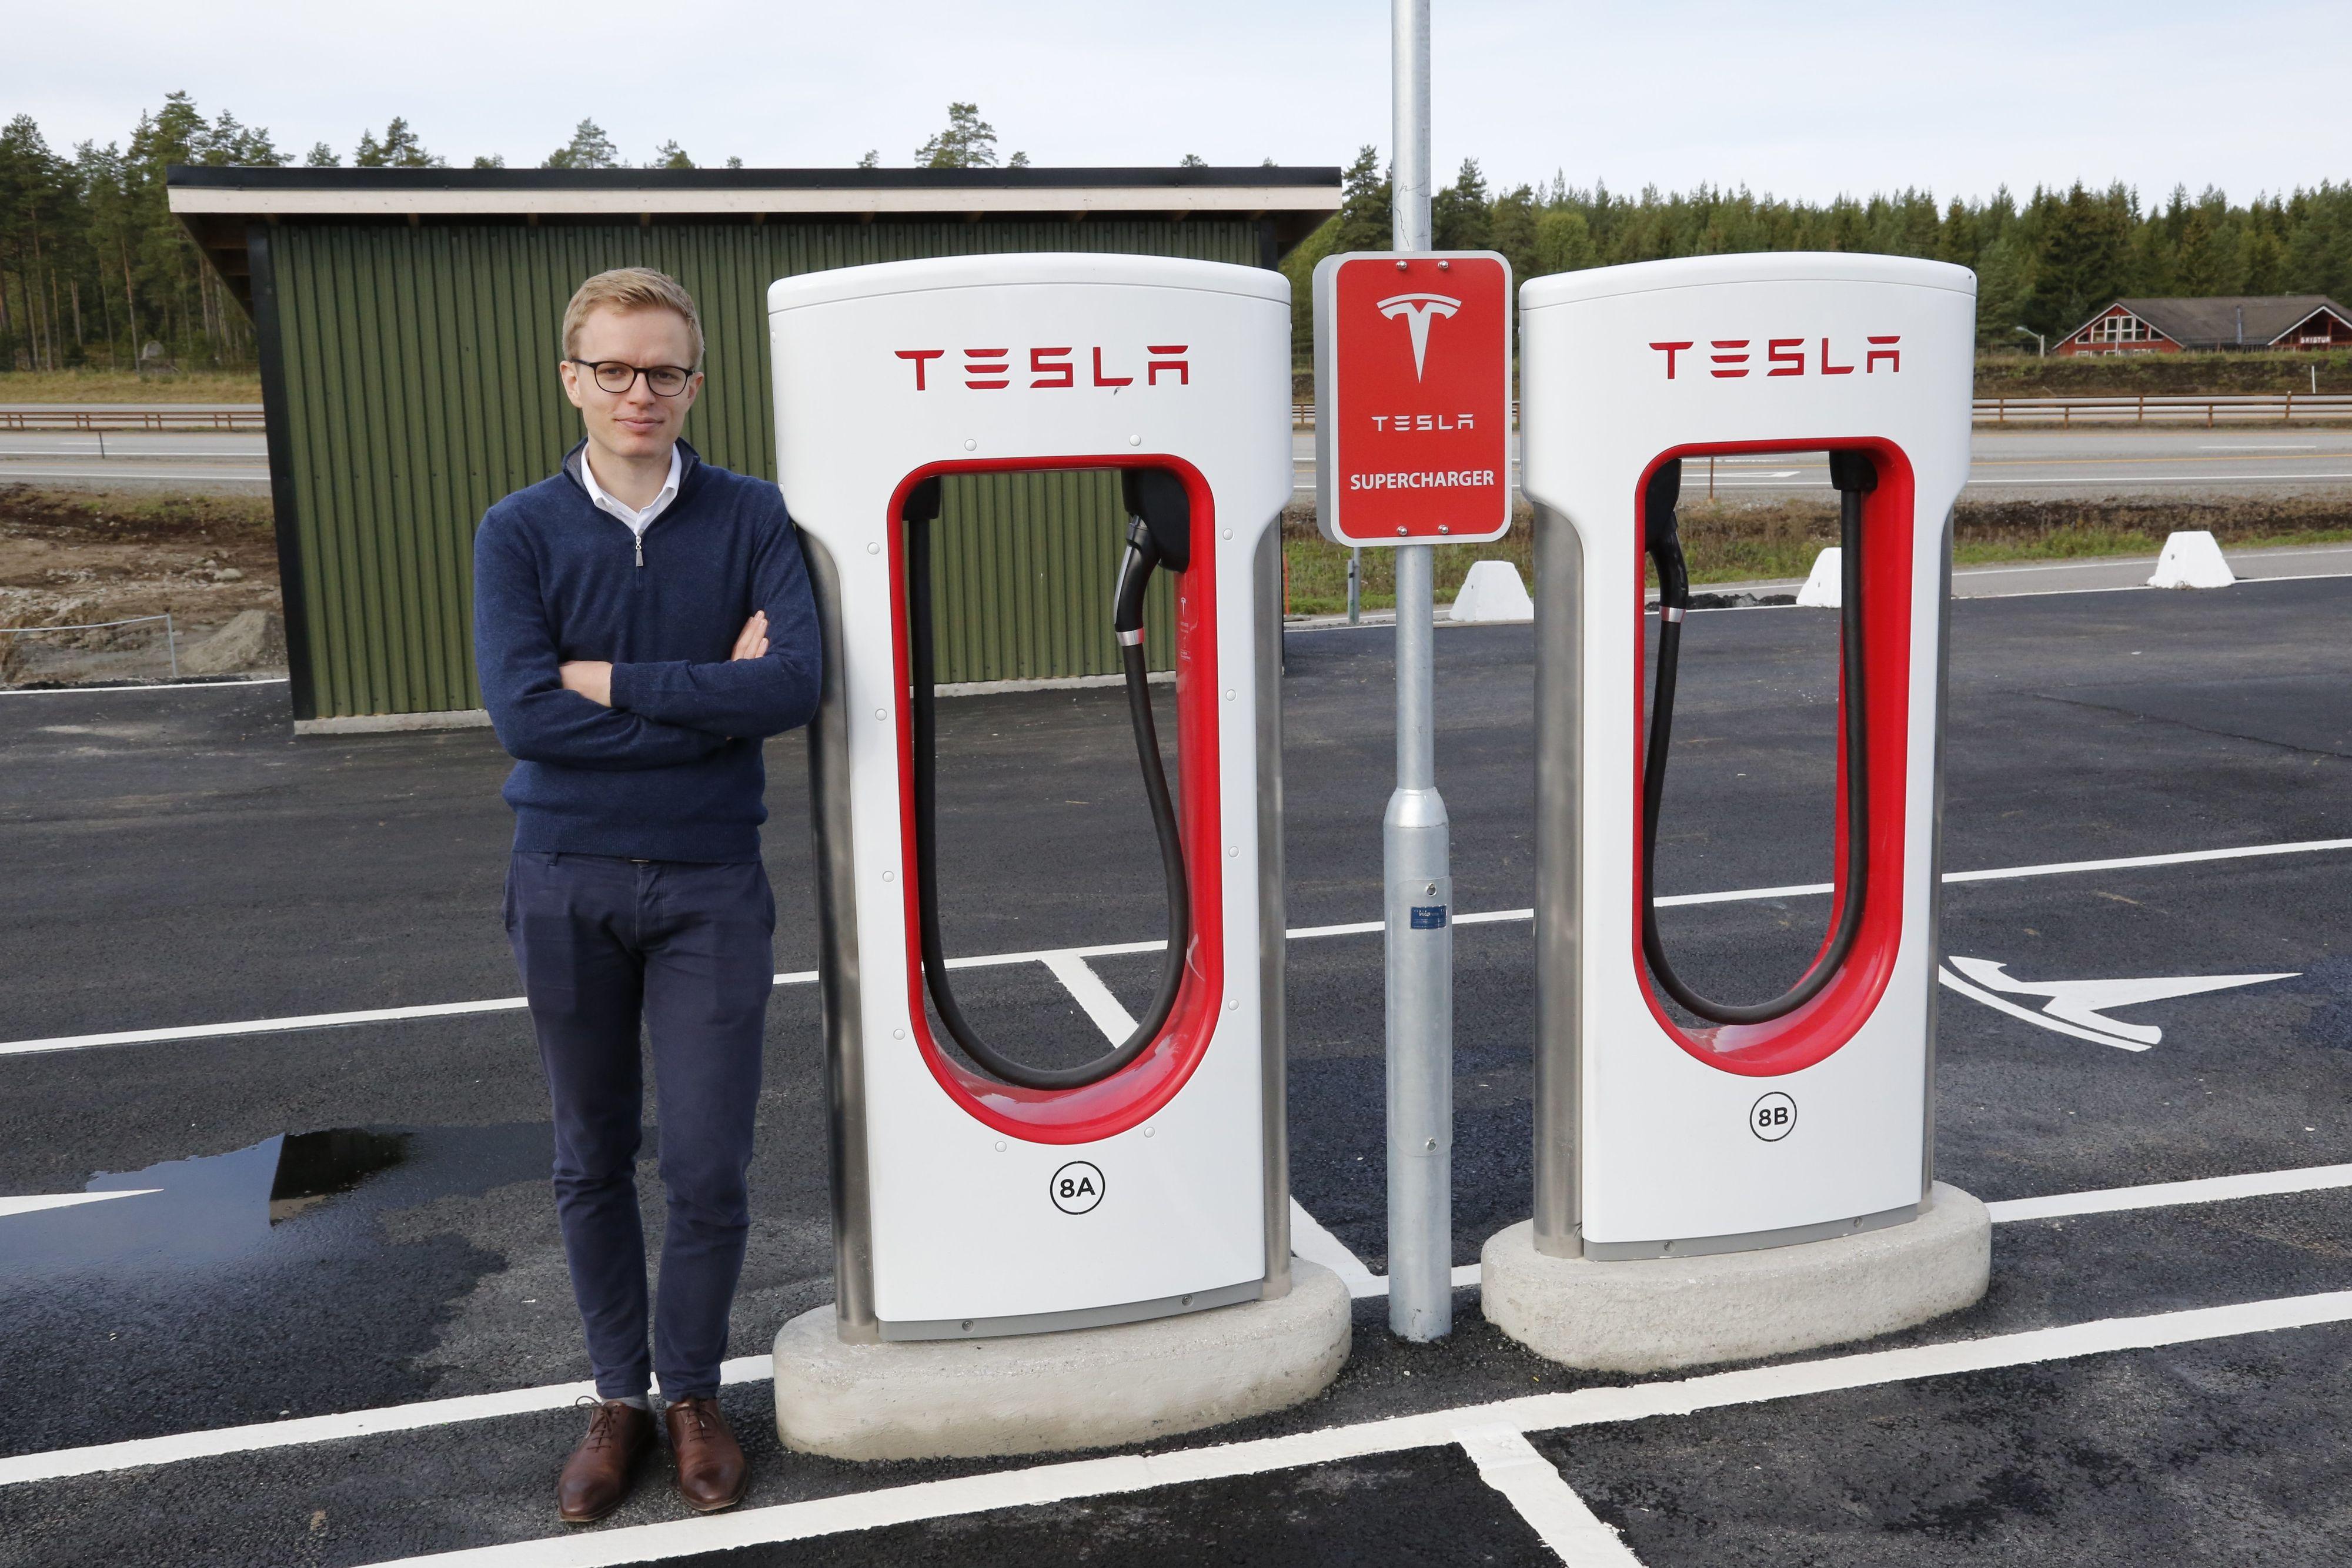 Kommunikasjonssjef Even Sandvold Roland i Tesla Norge sier de fleste kundene er fornøyde med tilstanden på bilen ved levering.